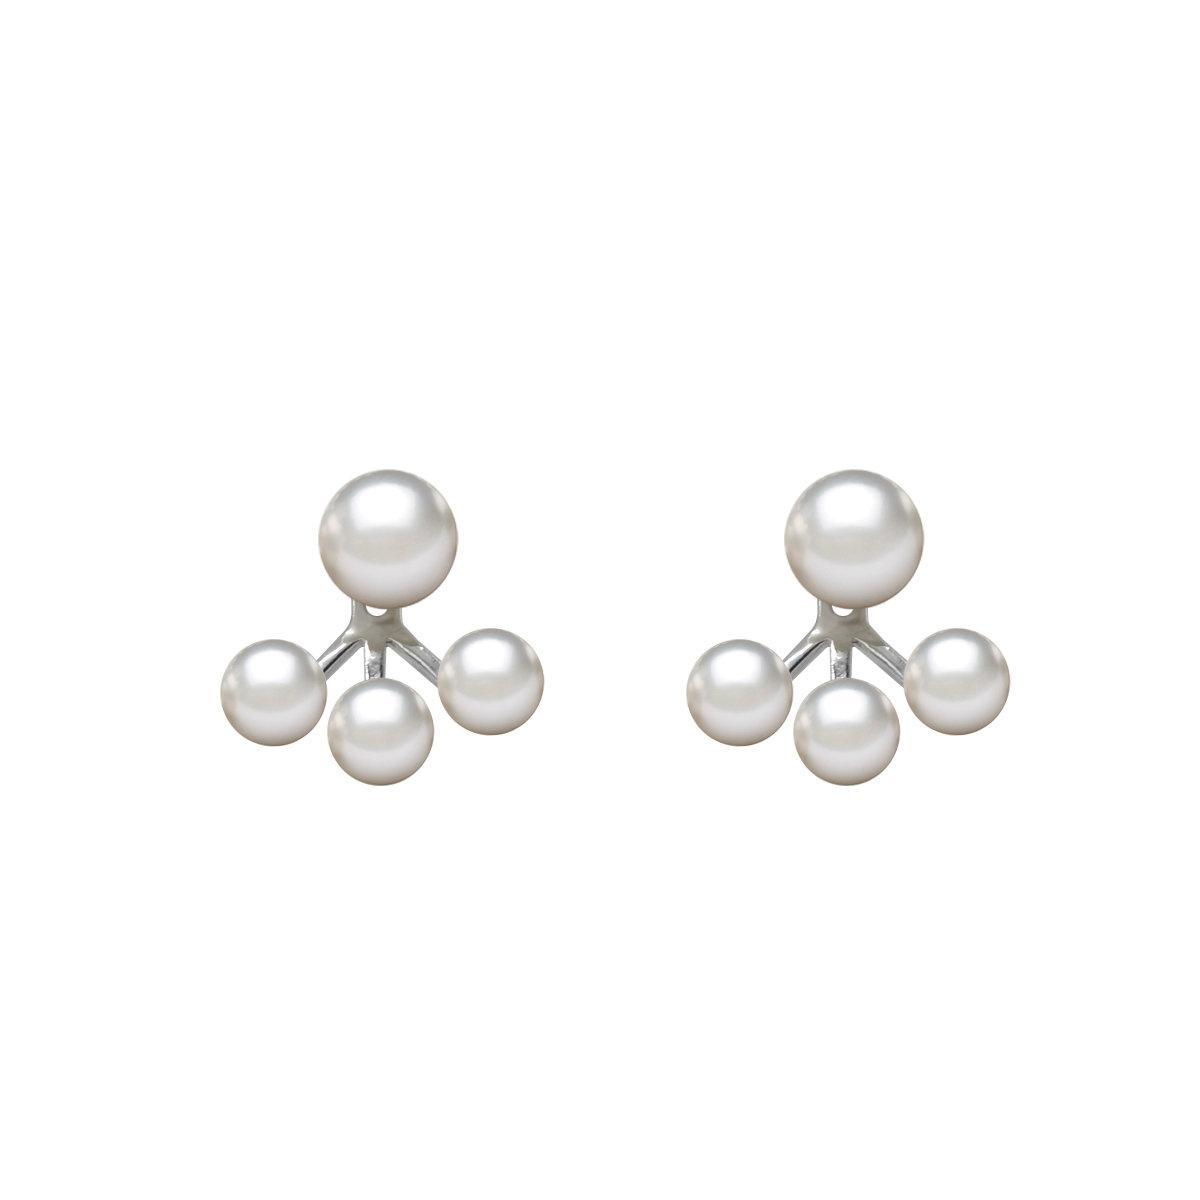 淡水珍珠配 925純銀耳環